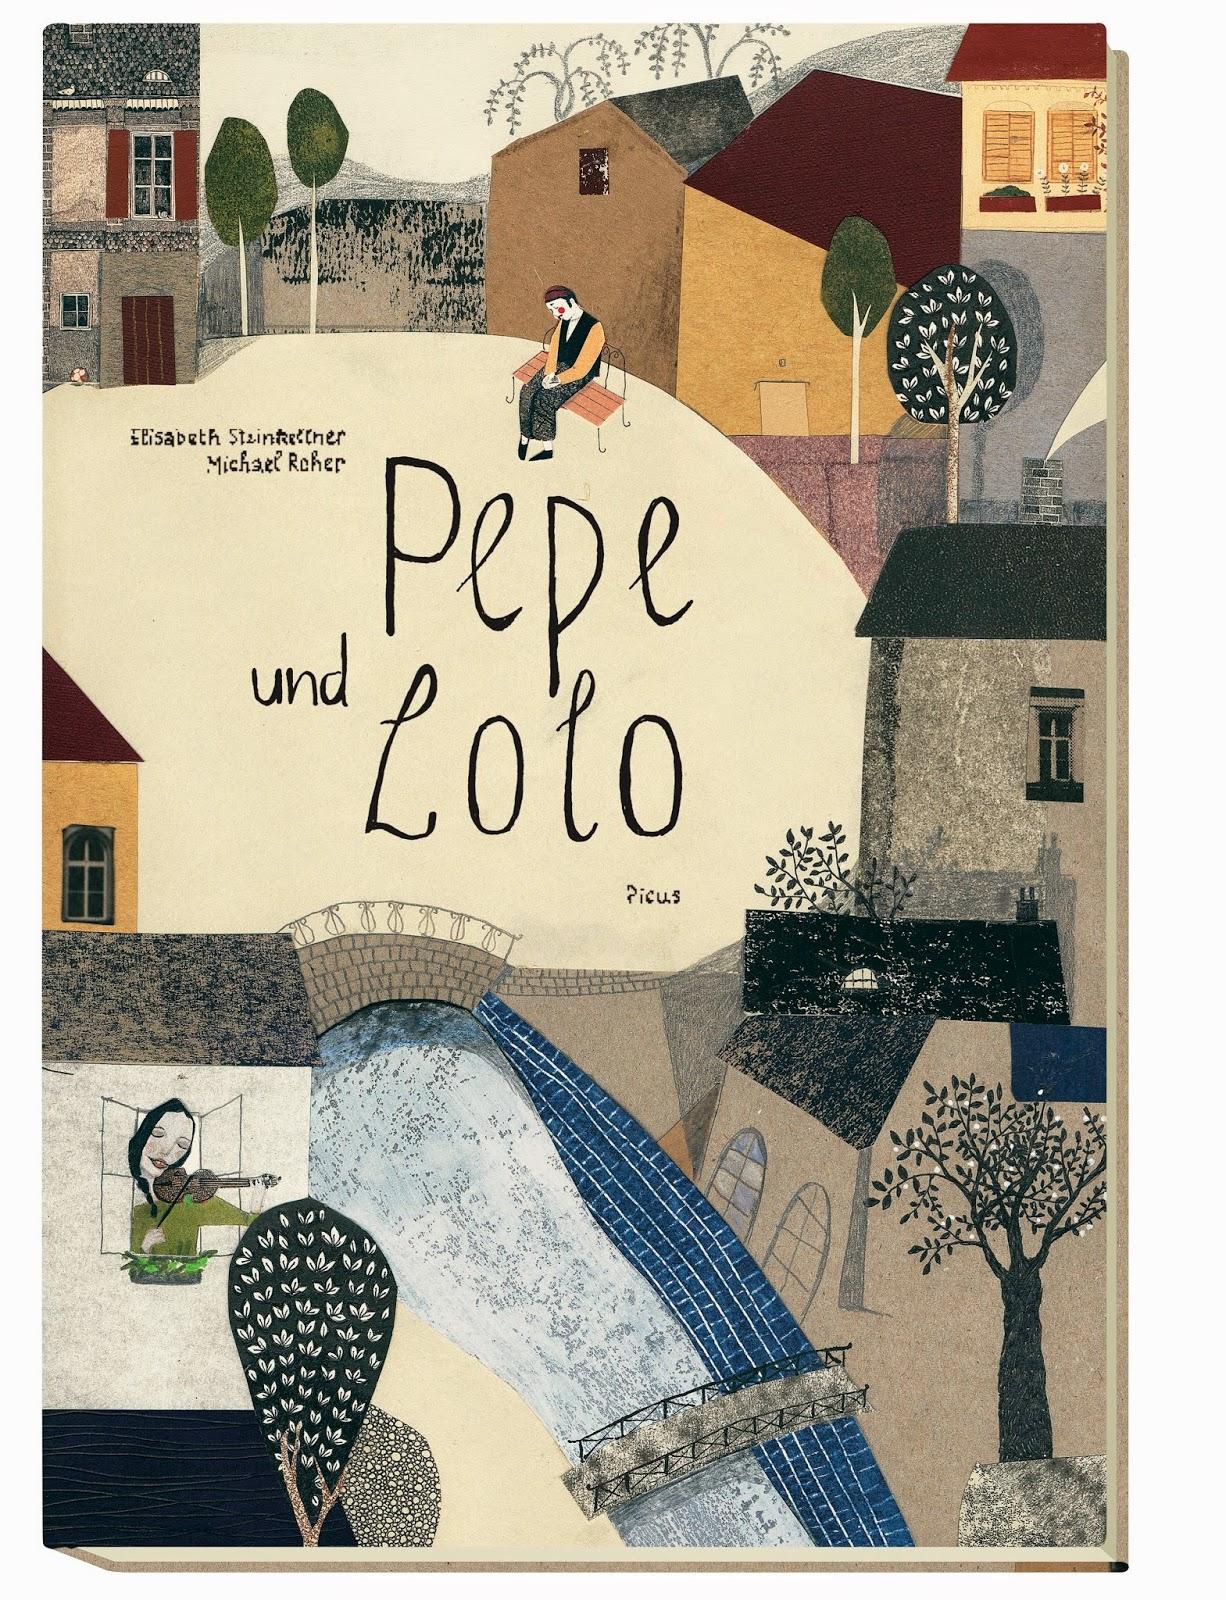 Pepe und Lolo Book Cover